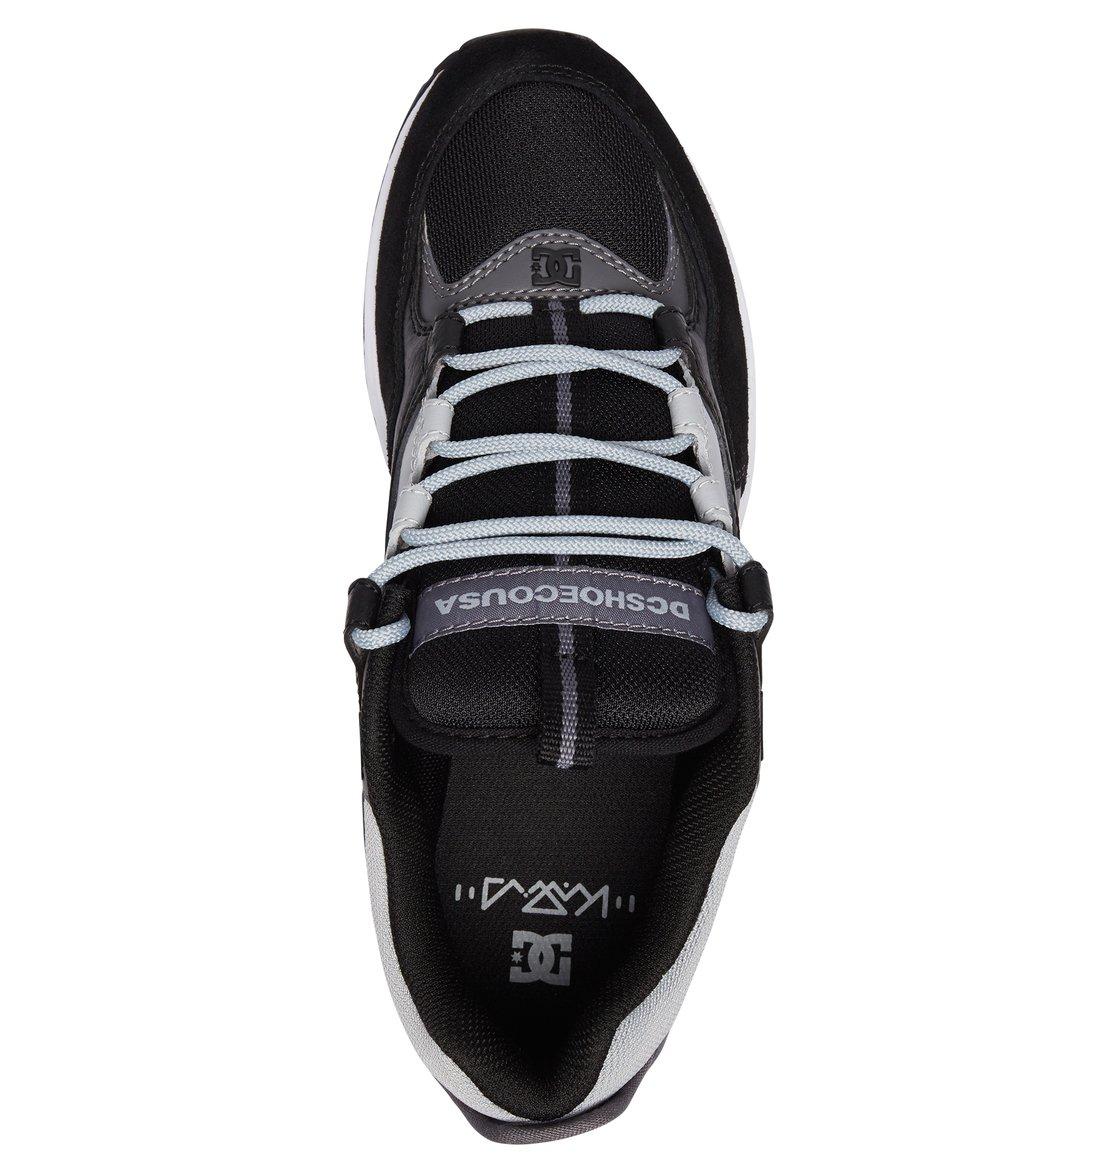 83d2f714f 3 DC SHOES KALIS LITE SE IMP Preto BRADYS100382 DC Shoes